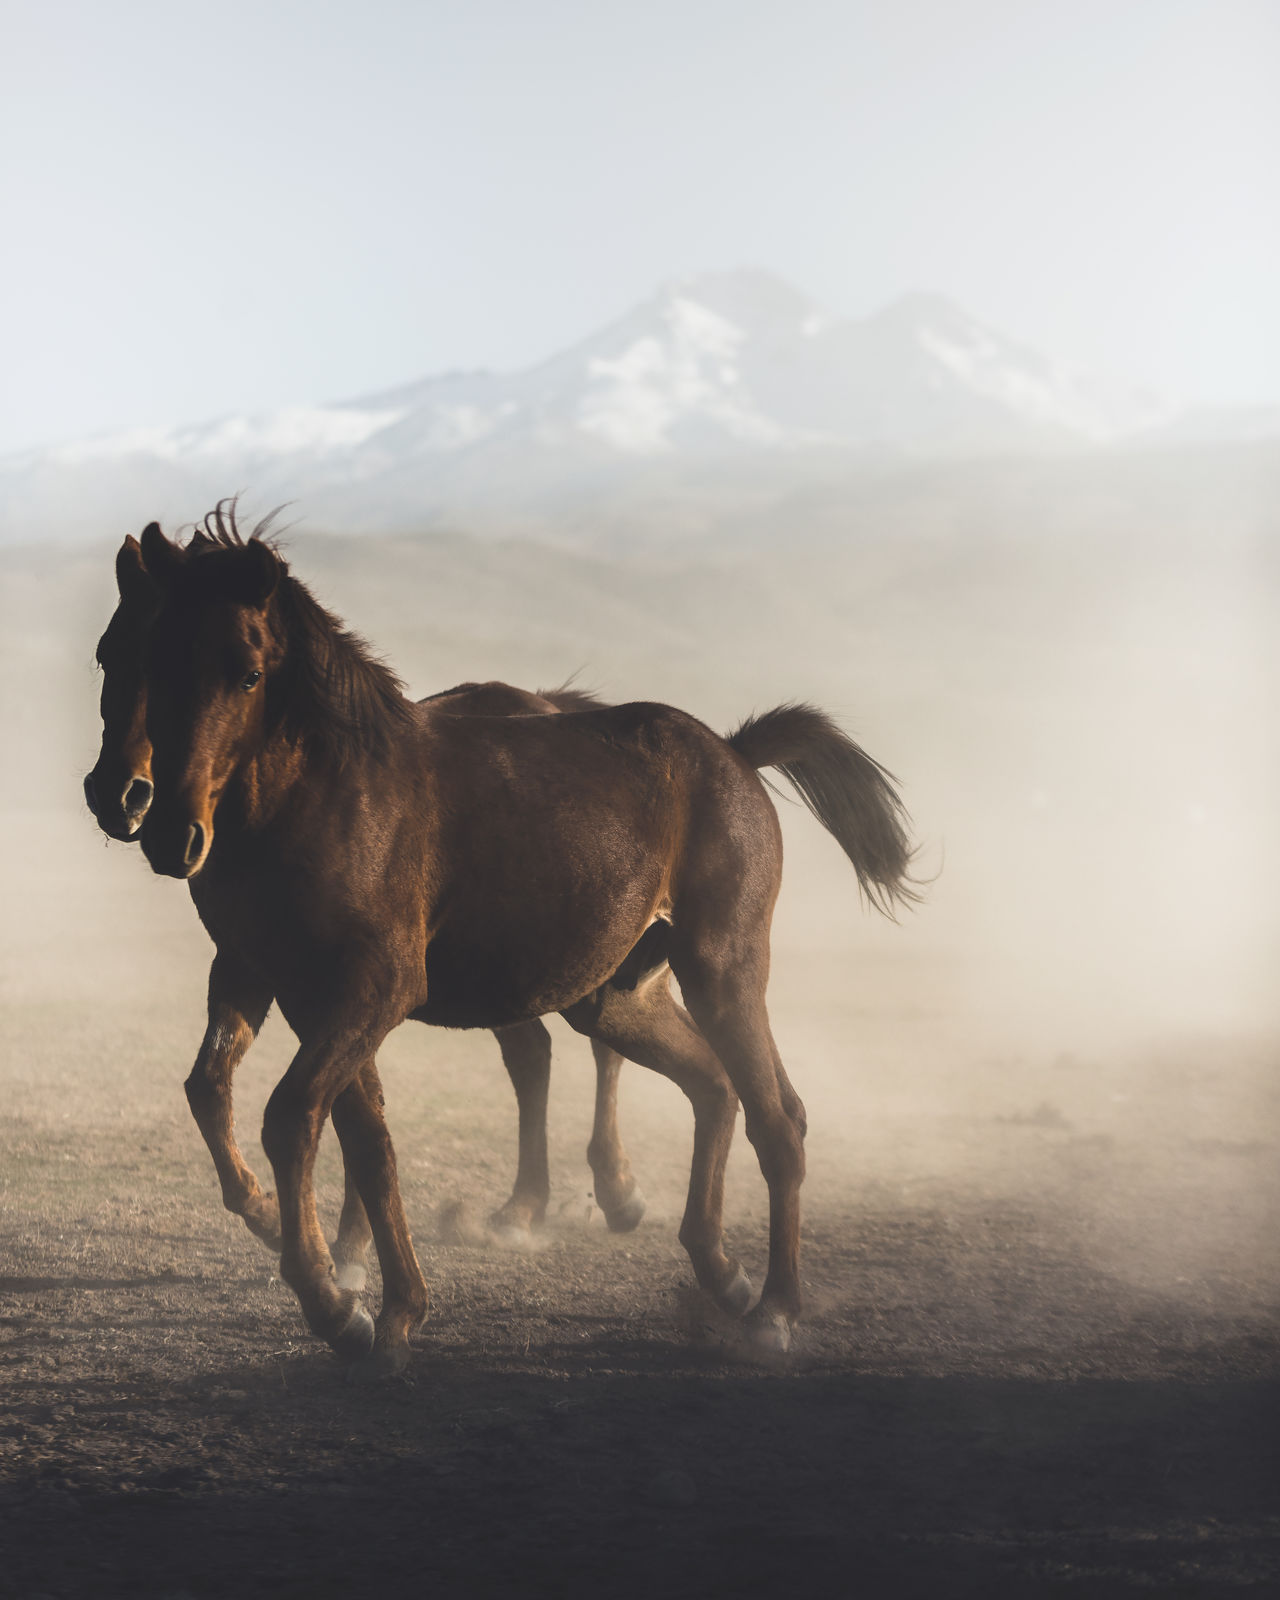 Horses running on landscape against sky